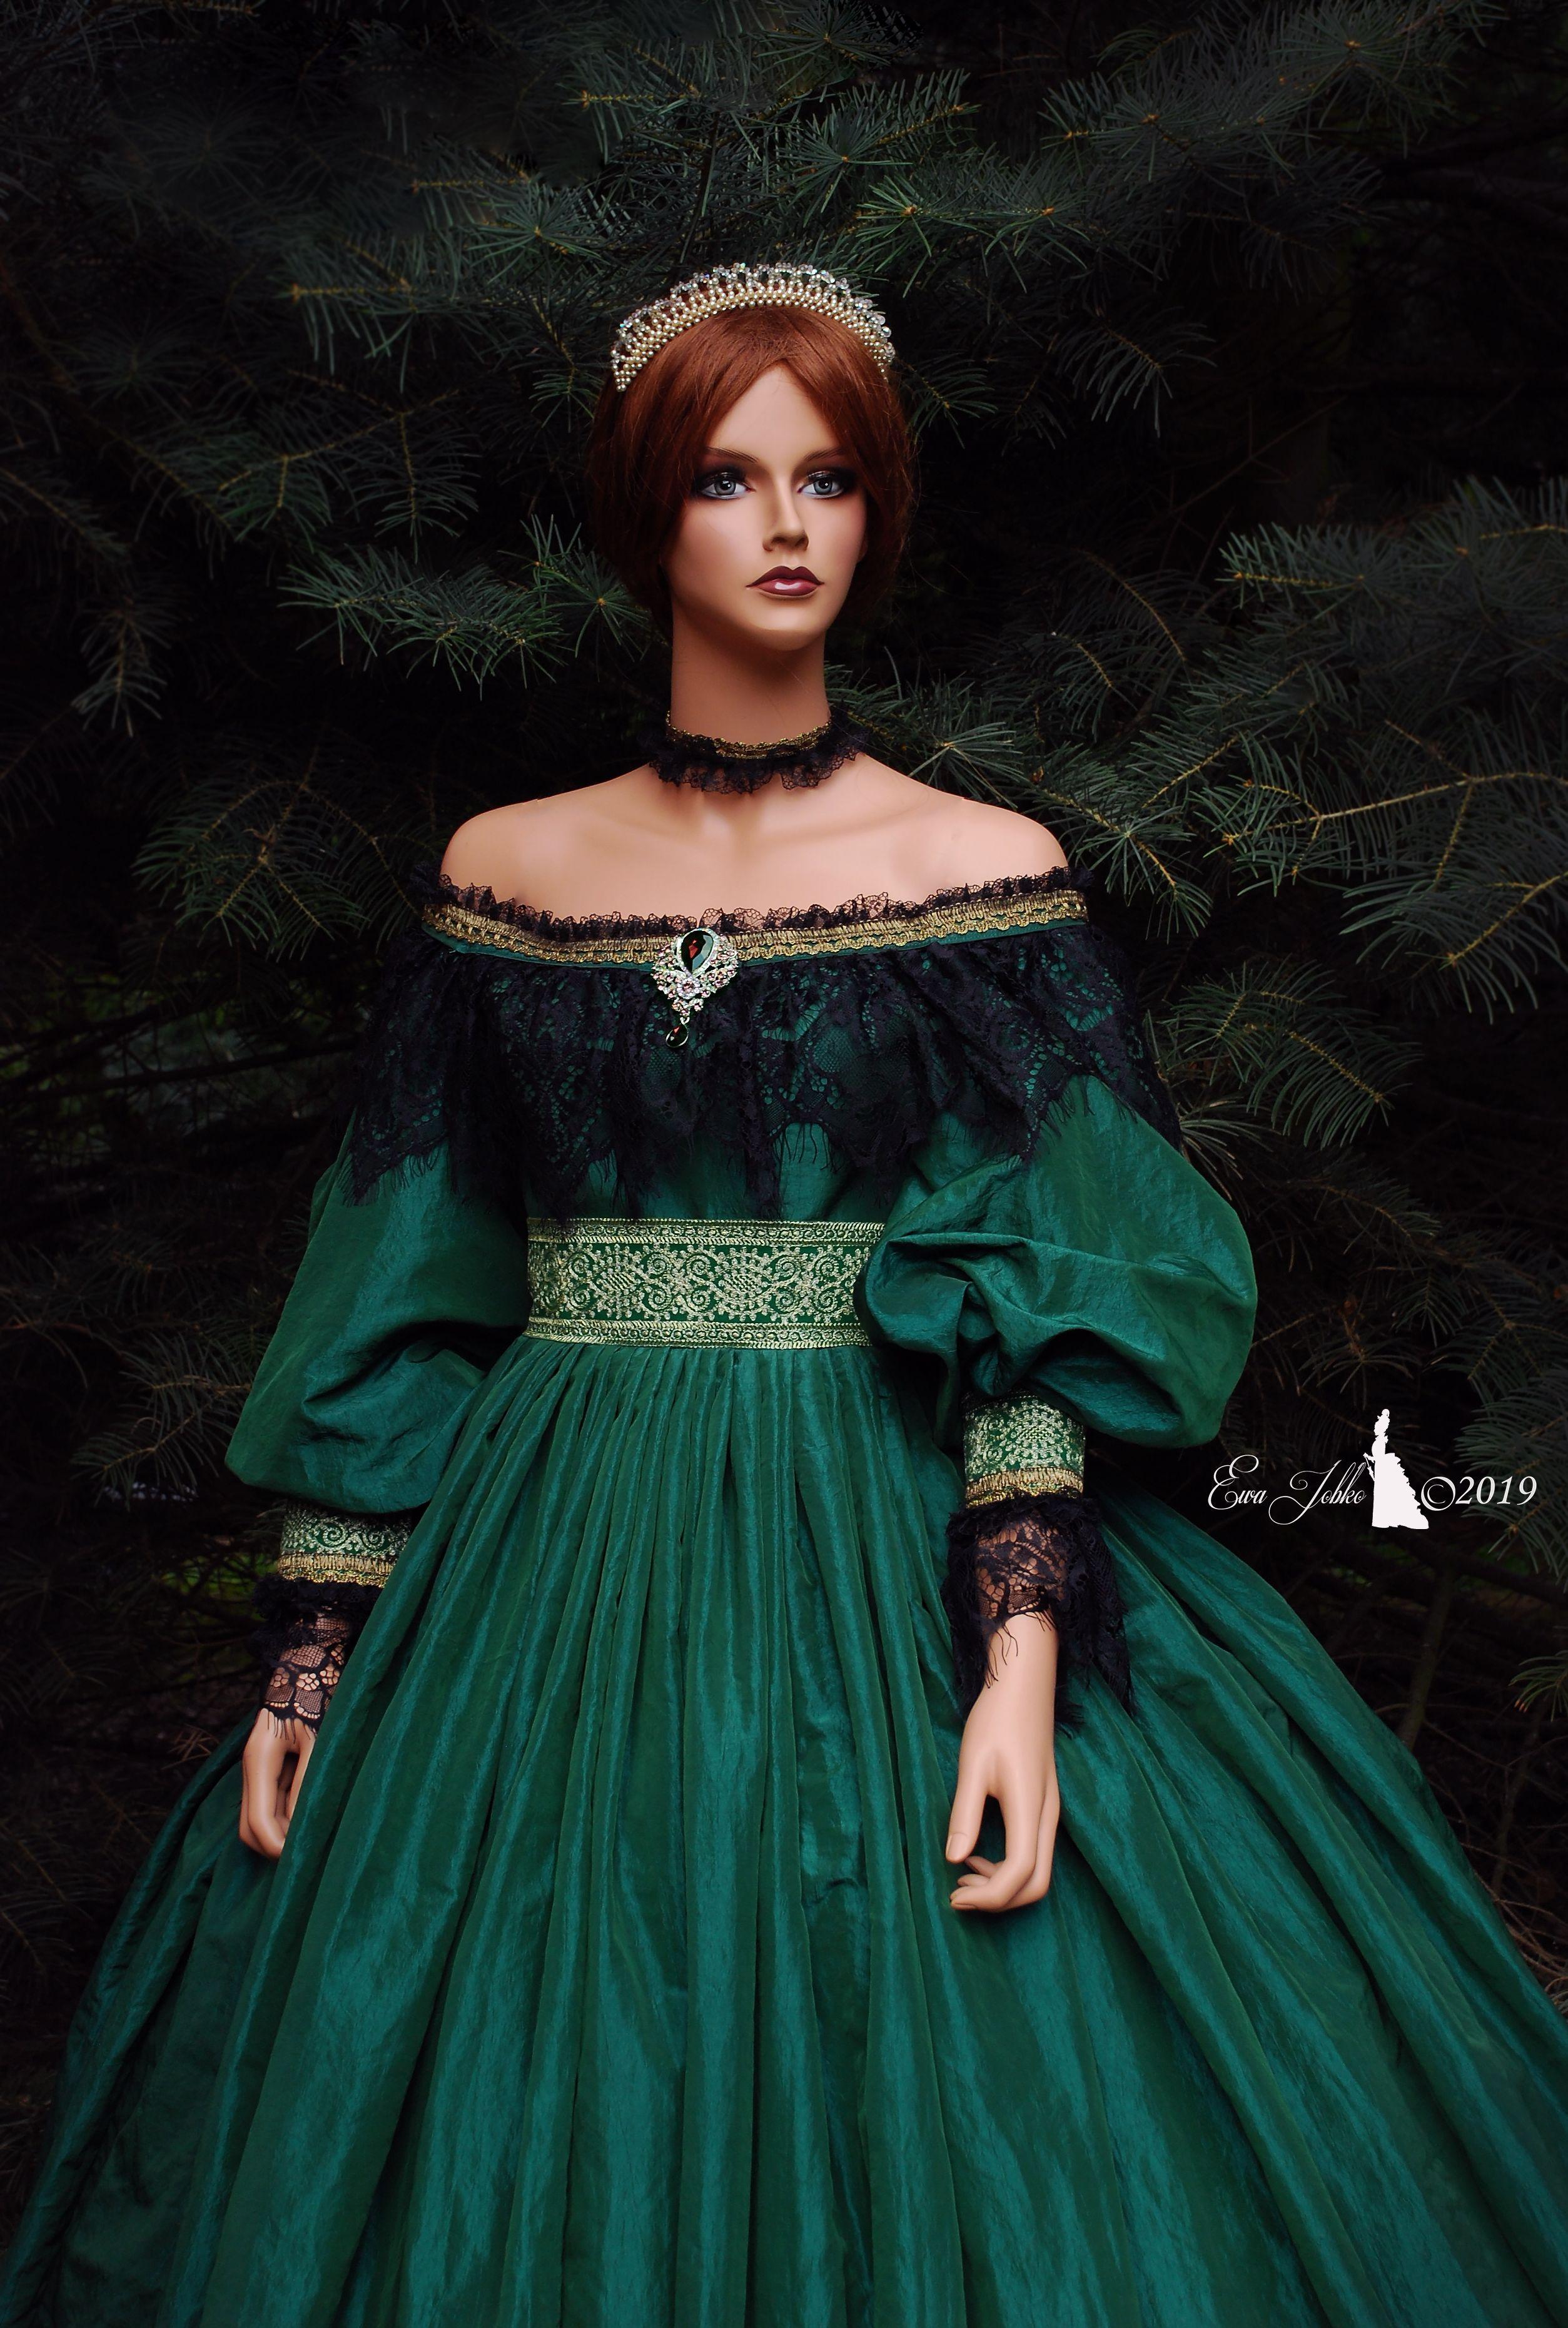 Dress Queen Victoria Historical Victorian Dress In 2021 Queen Dress Fairytale Dress Dresses [ 3721 x 2507 Pixel ]